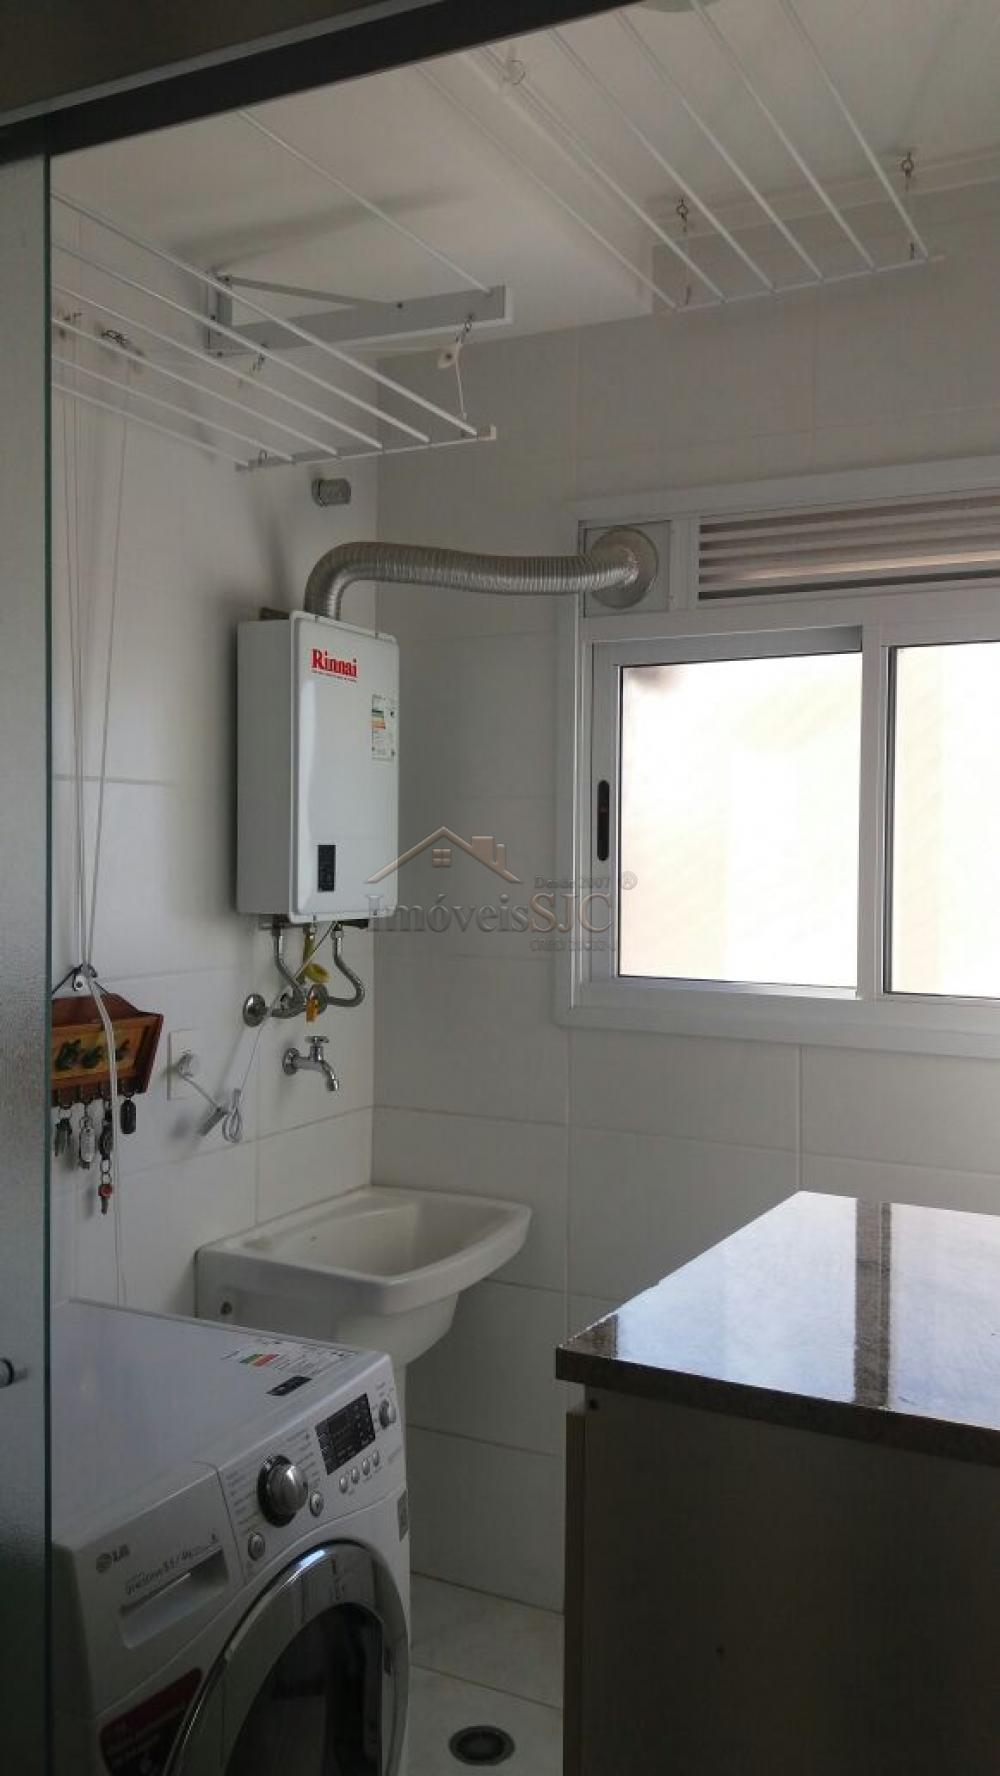 Comprar Apartamentos / Padrão em São José dos Campos apenas R$ 458.000,00 - Foto 4